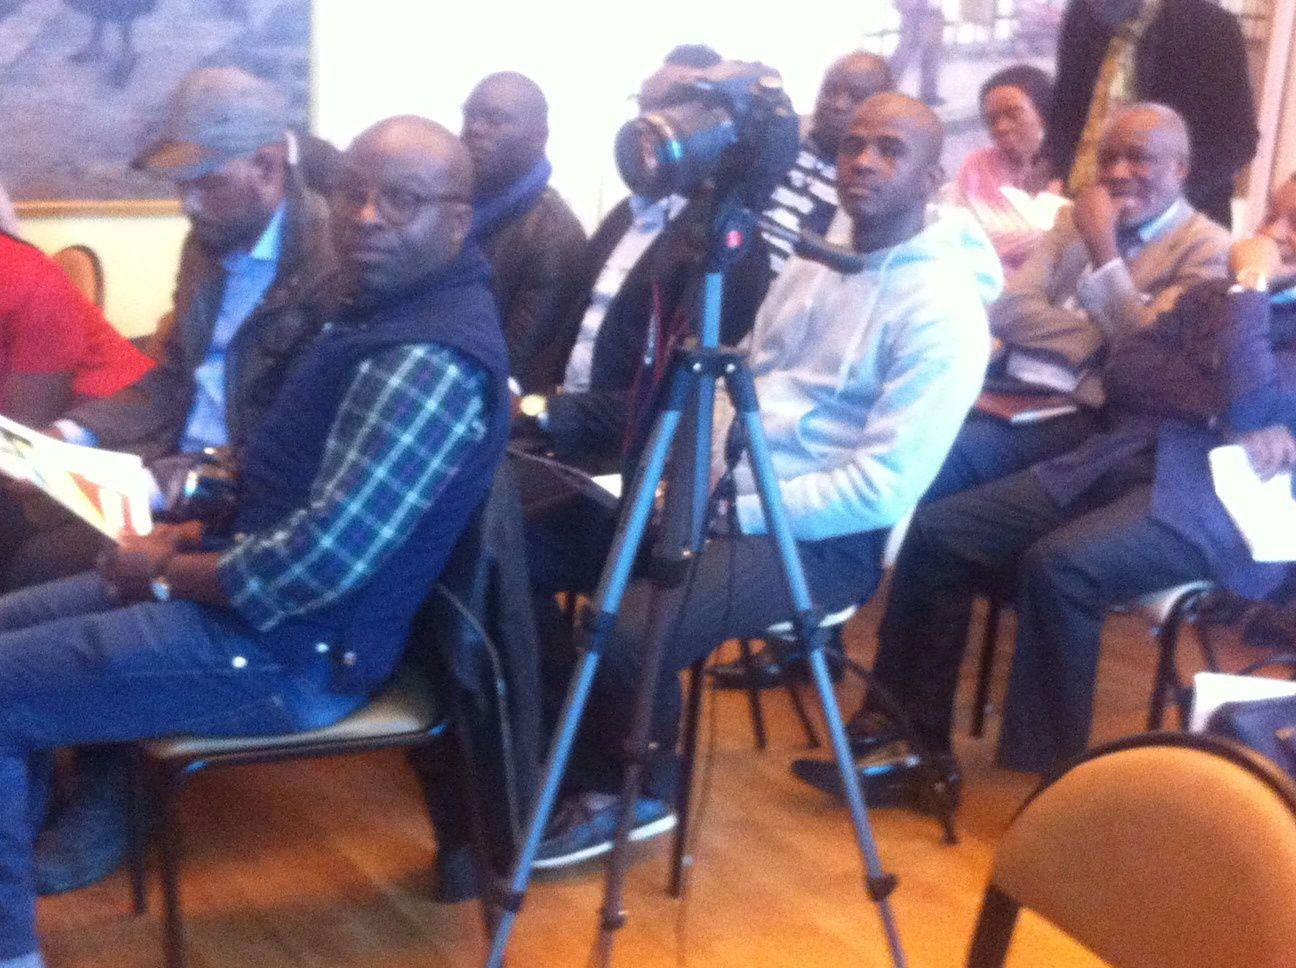 Paris : La coordination Afrique pour l'alternance démocratique appelle à une désobéissance civile massive au Congo-Brazzaville